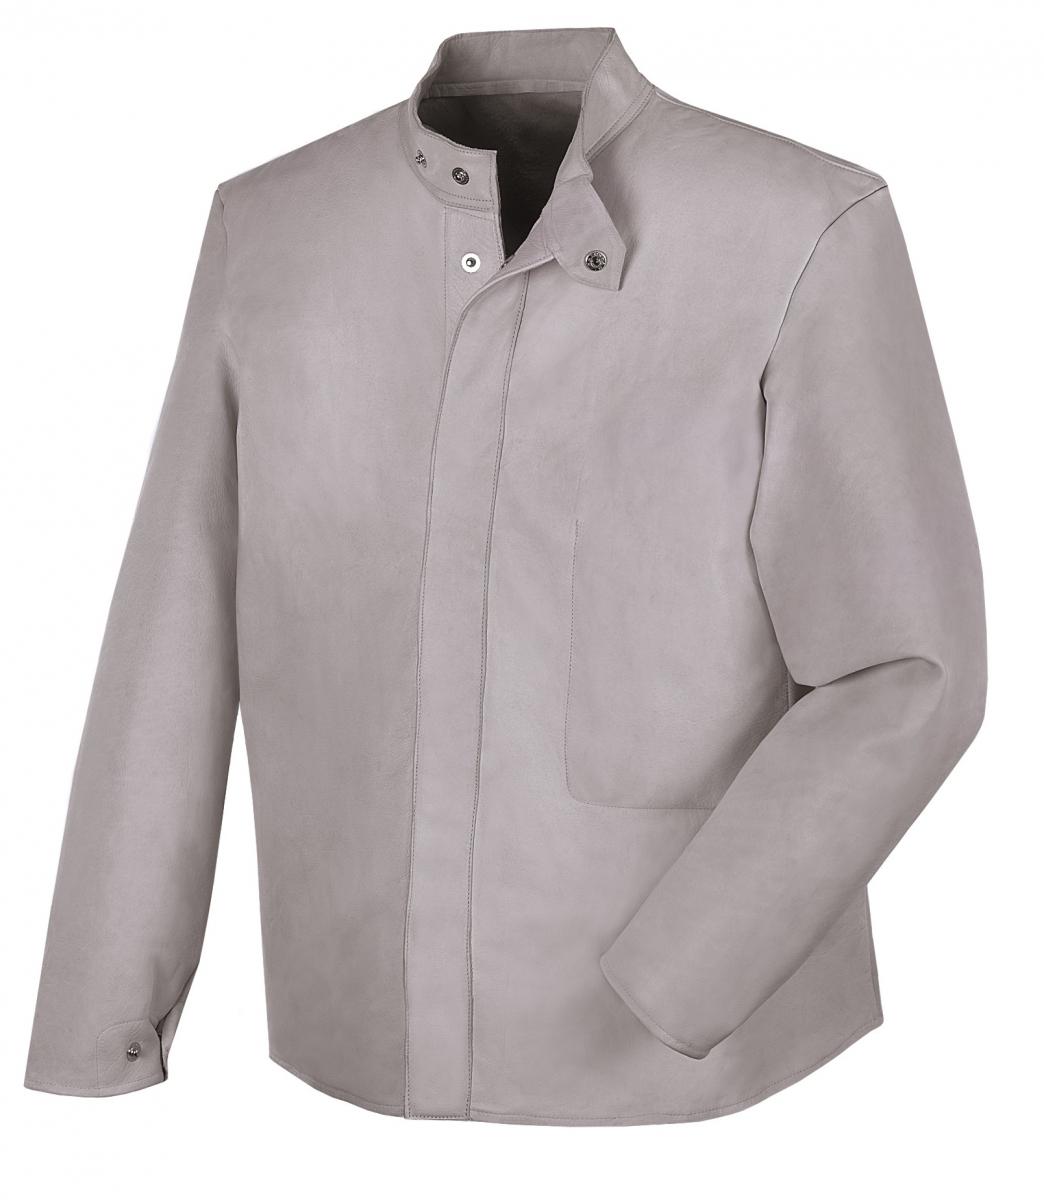 BIG-Schweißer-Arbeits-Schutz-Berufs-Jacke, grau